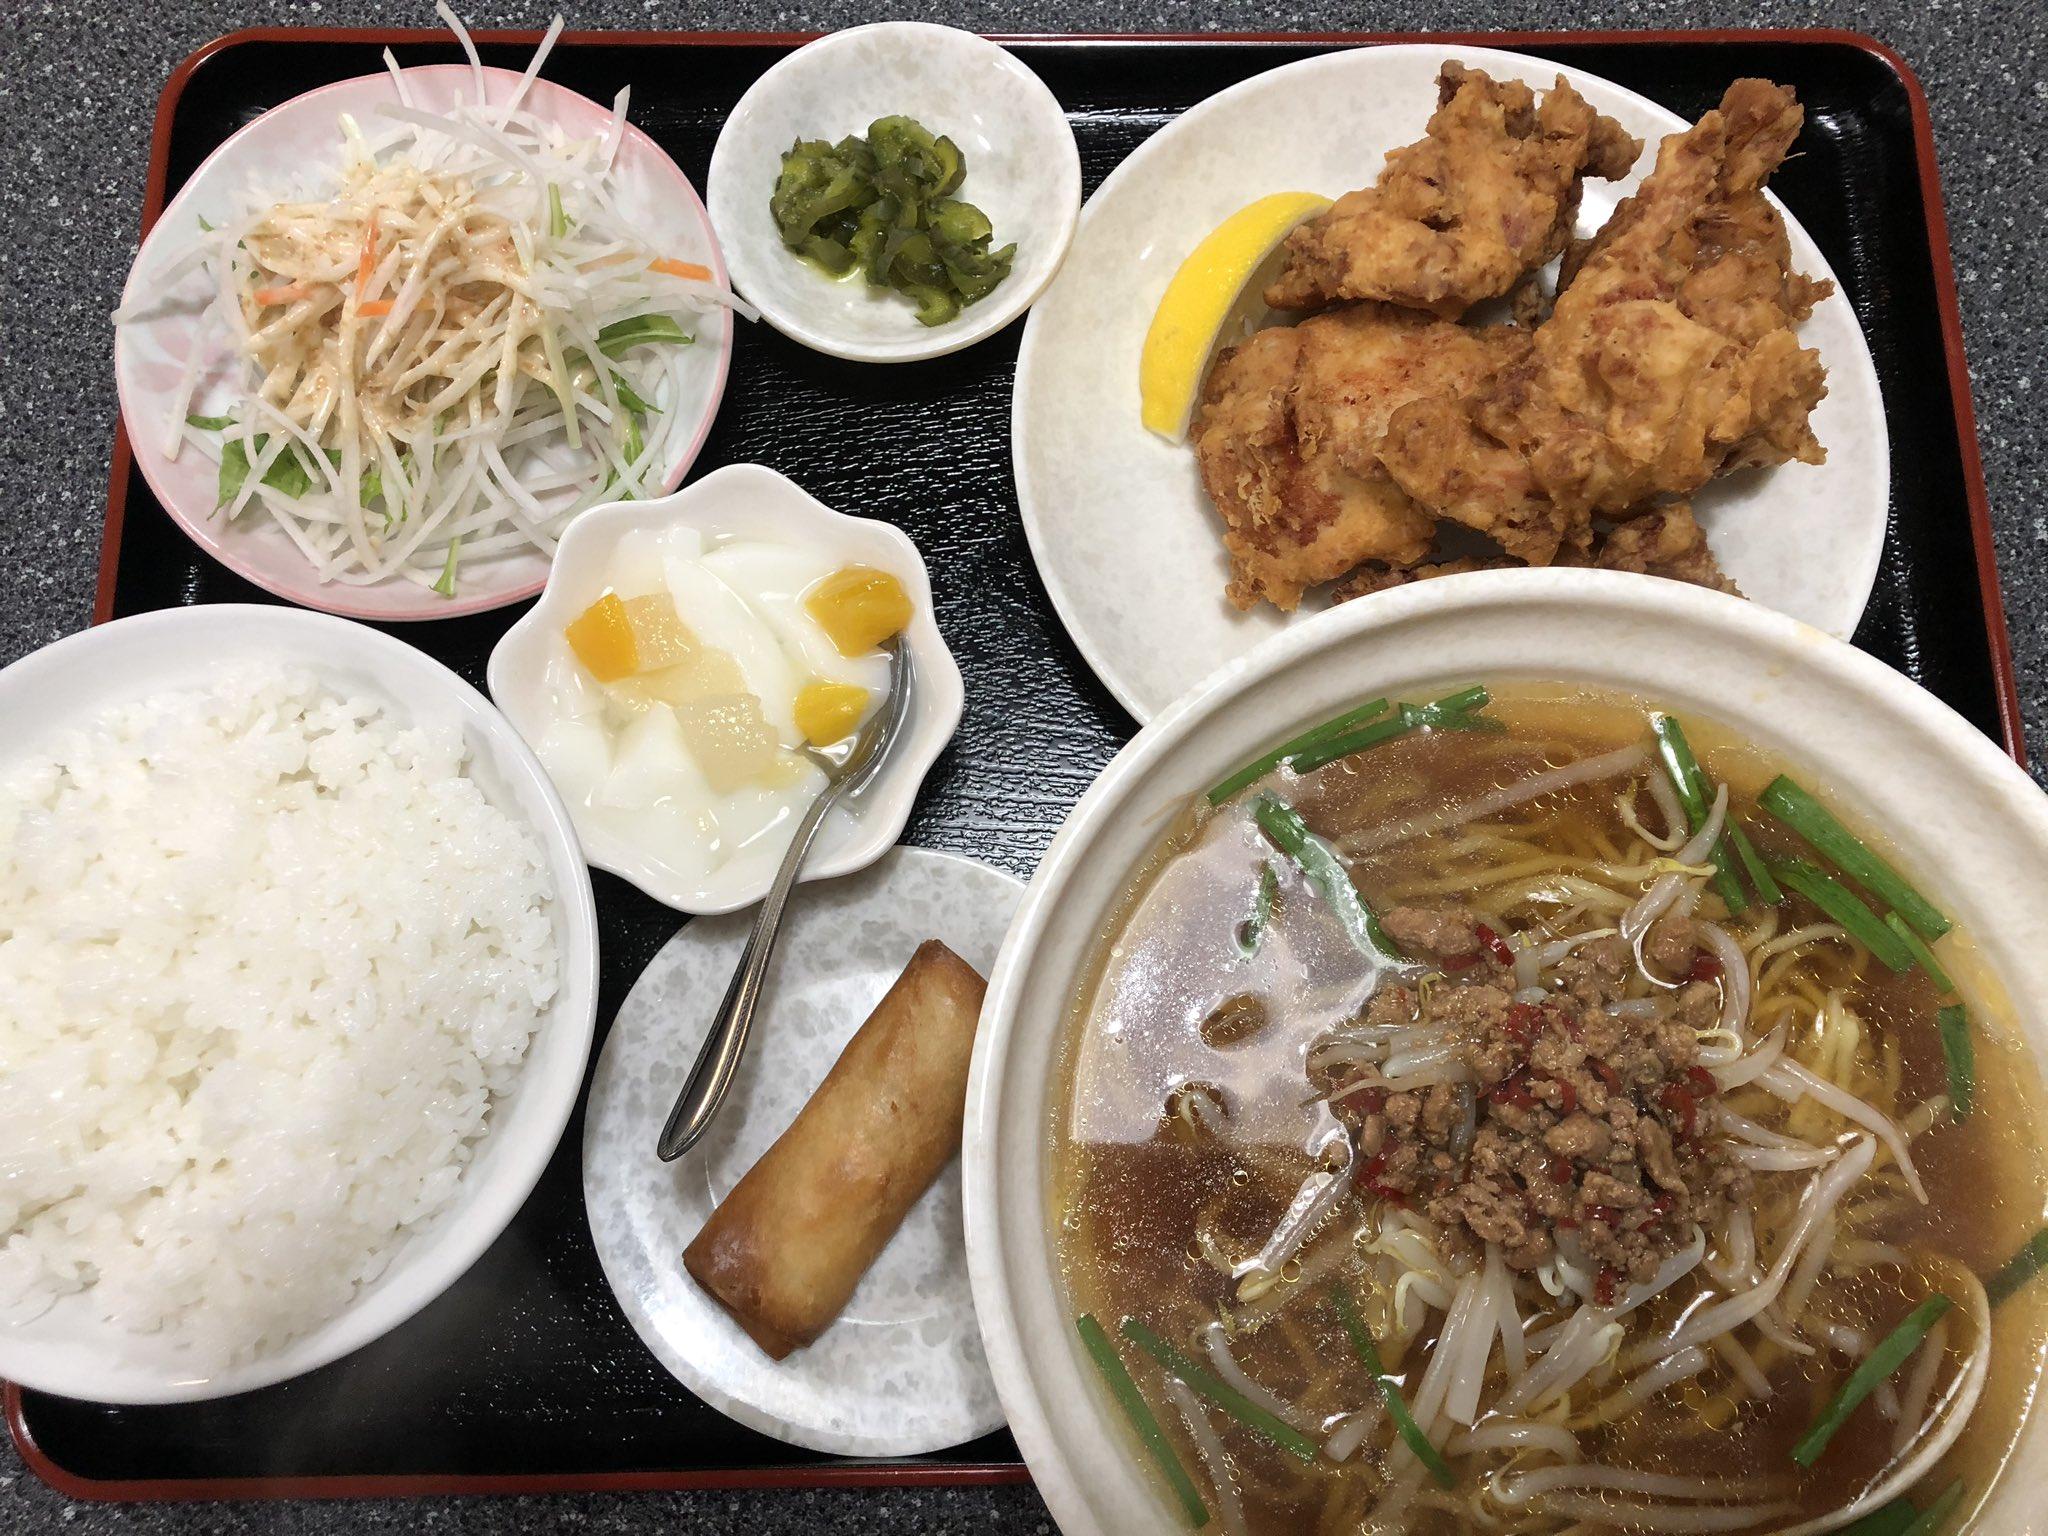 台湾料理屋の定食最高すぎてワロタwwwwww